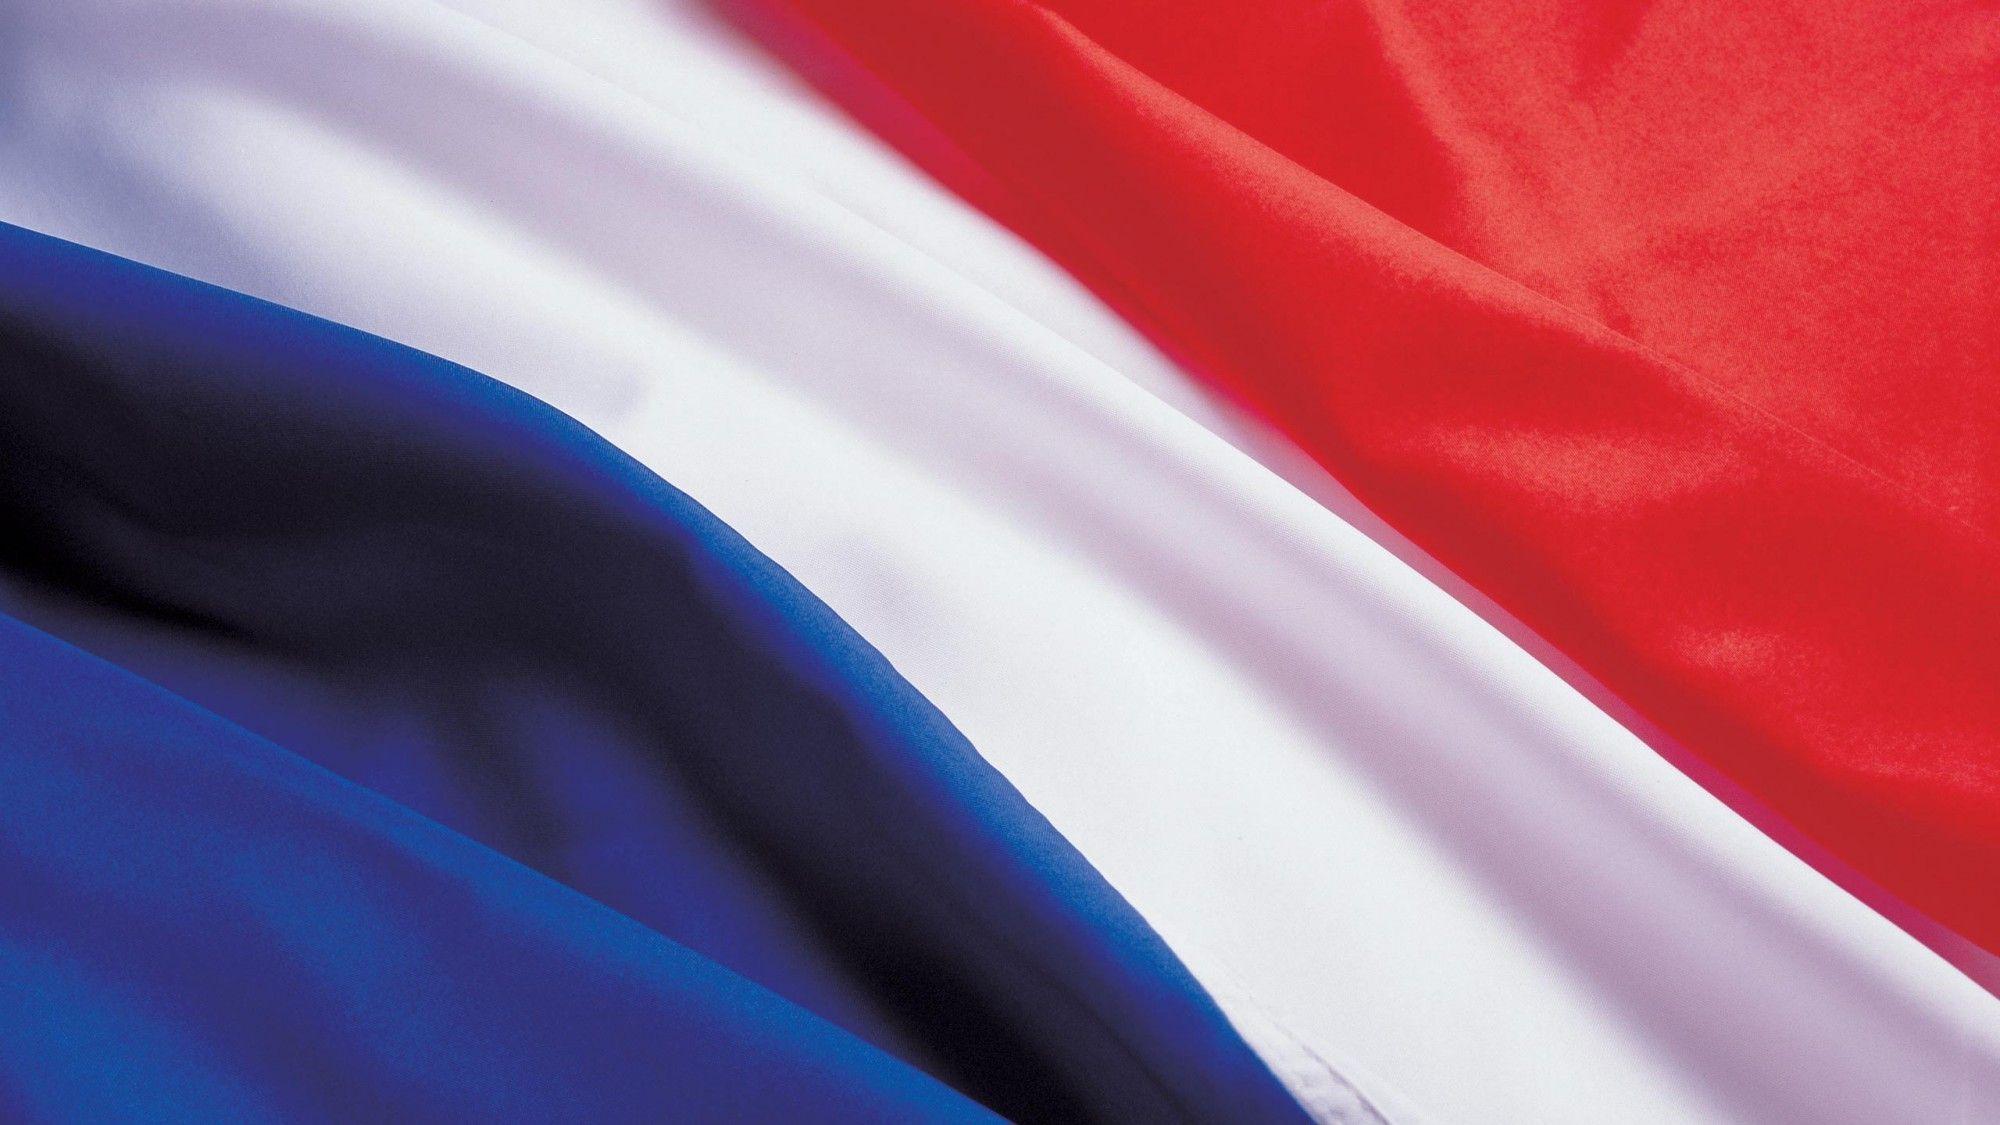 Vive La France Vive La Republique Drapeau Francais Drapeau France